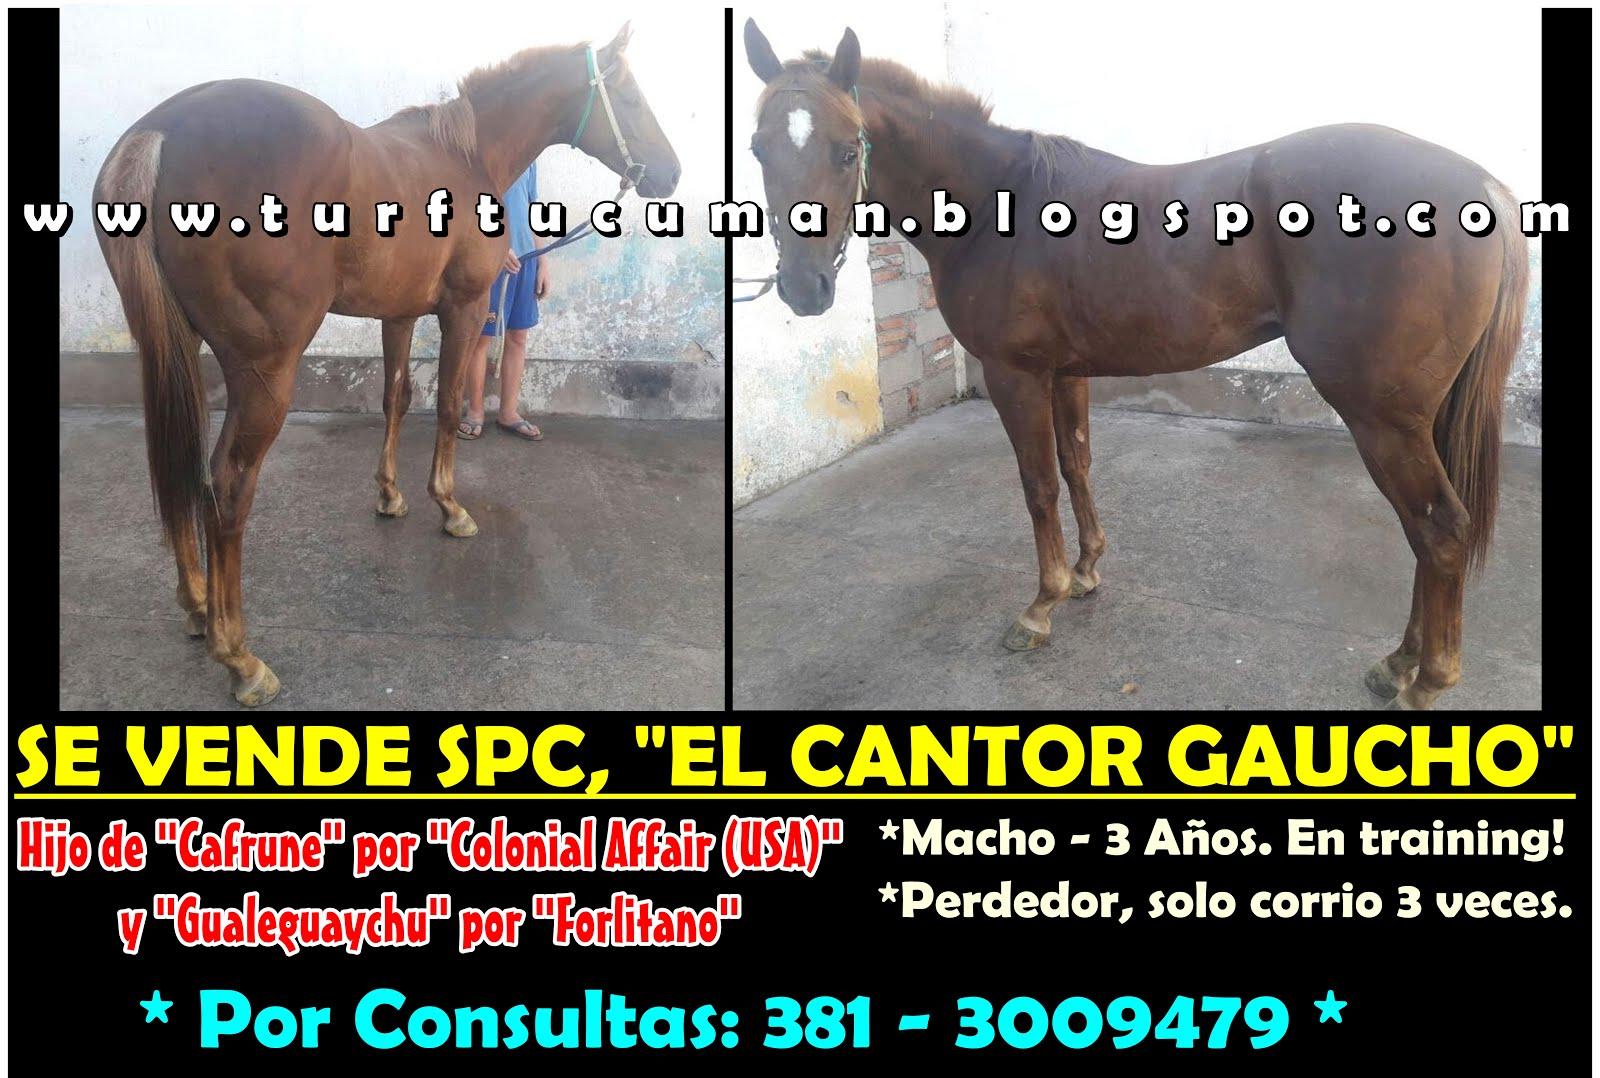 CANTOR GAUCHO